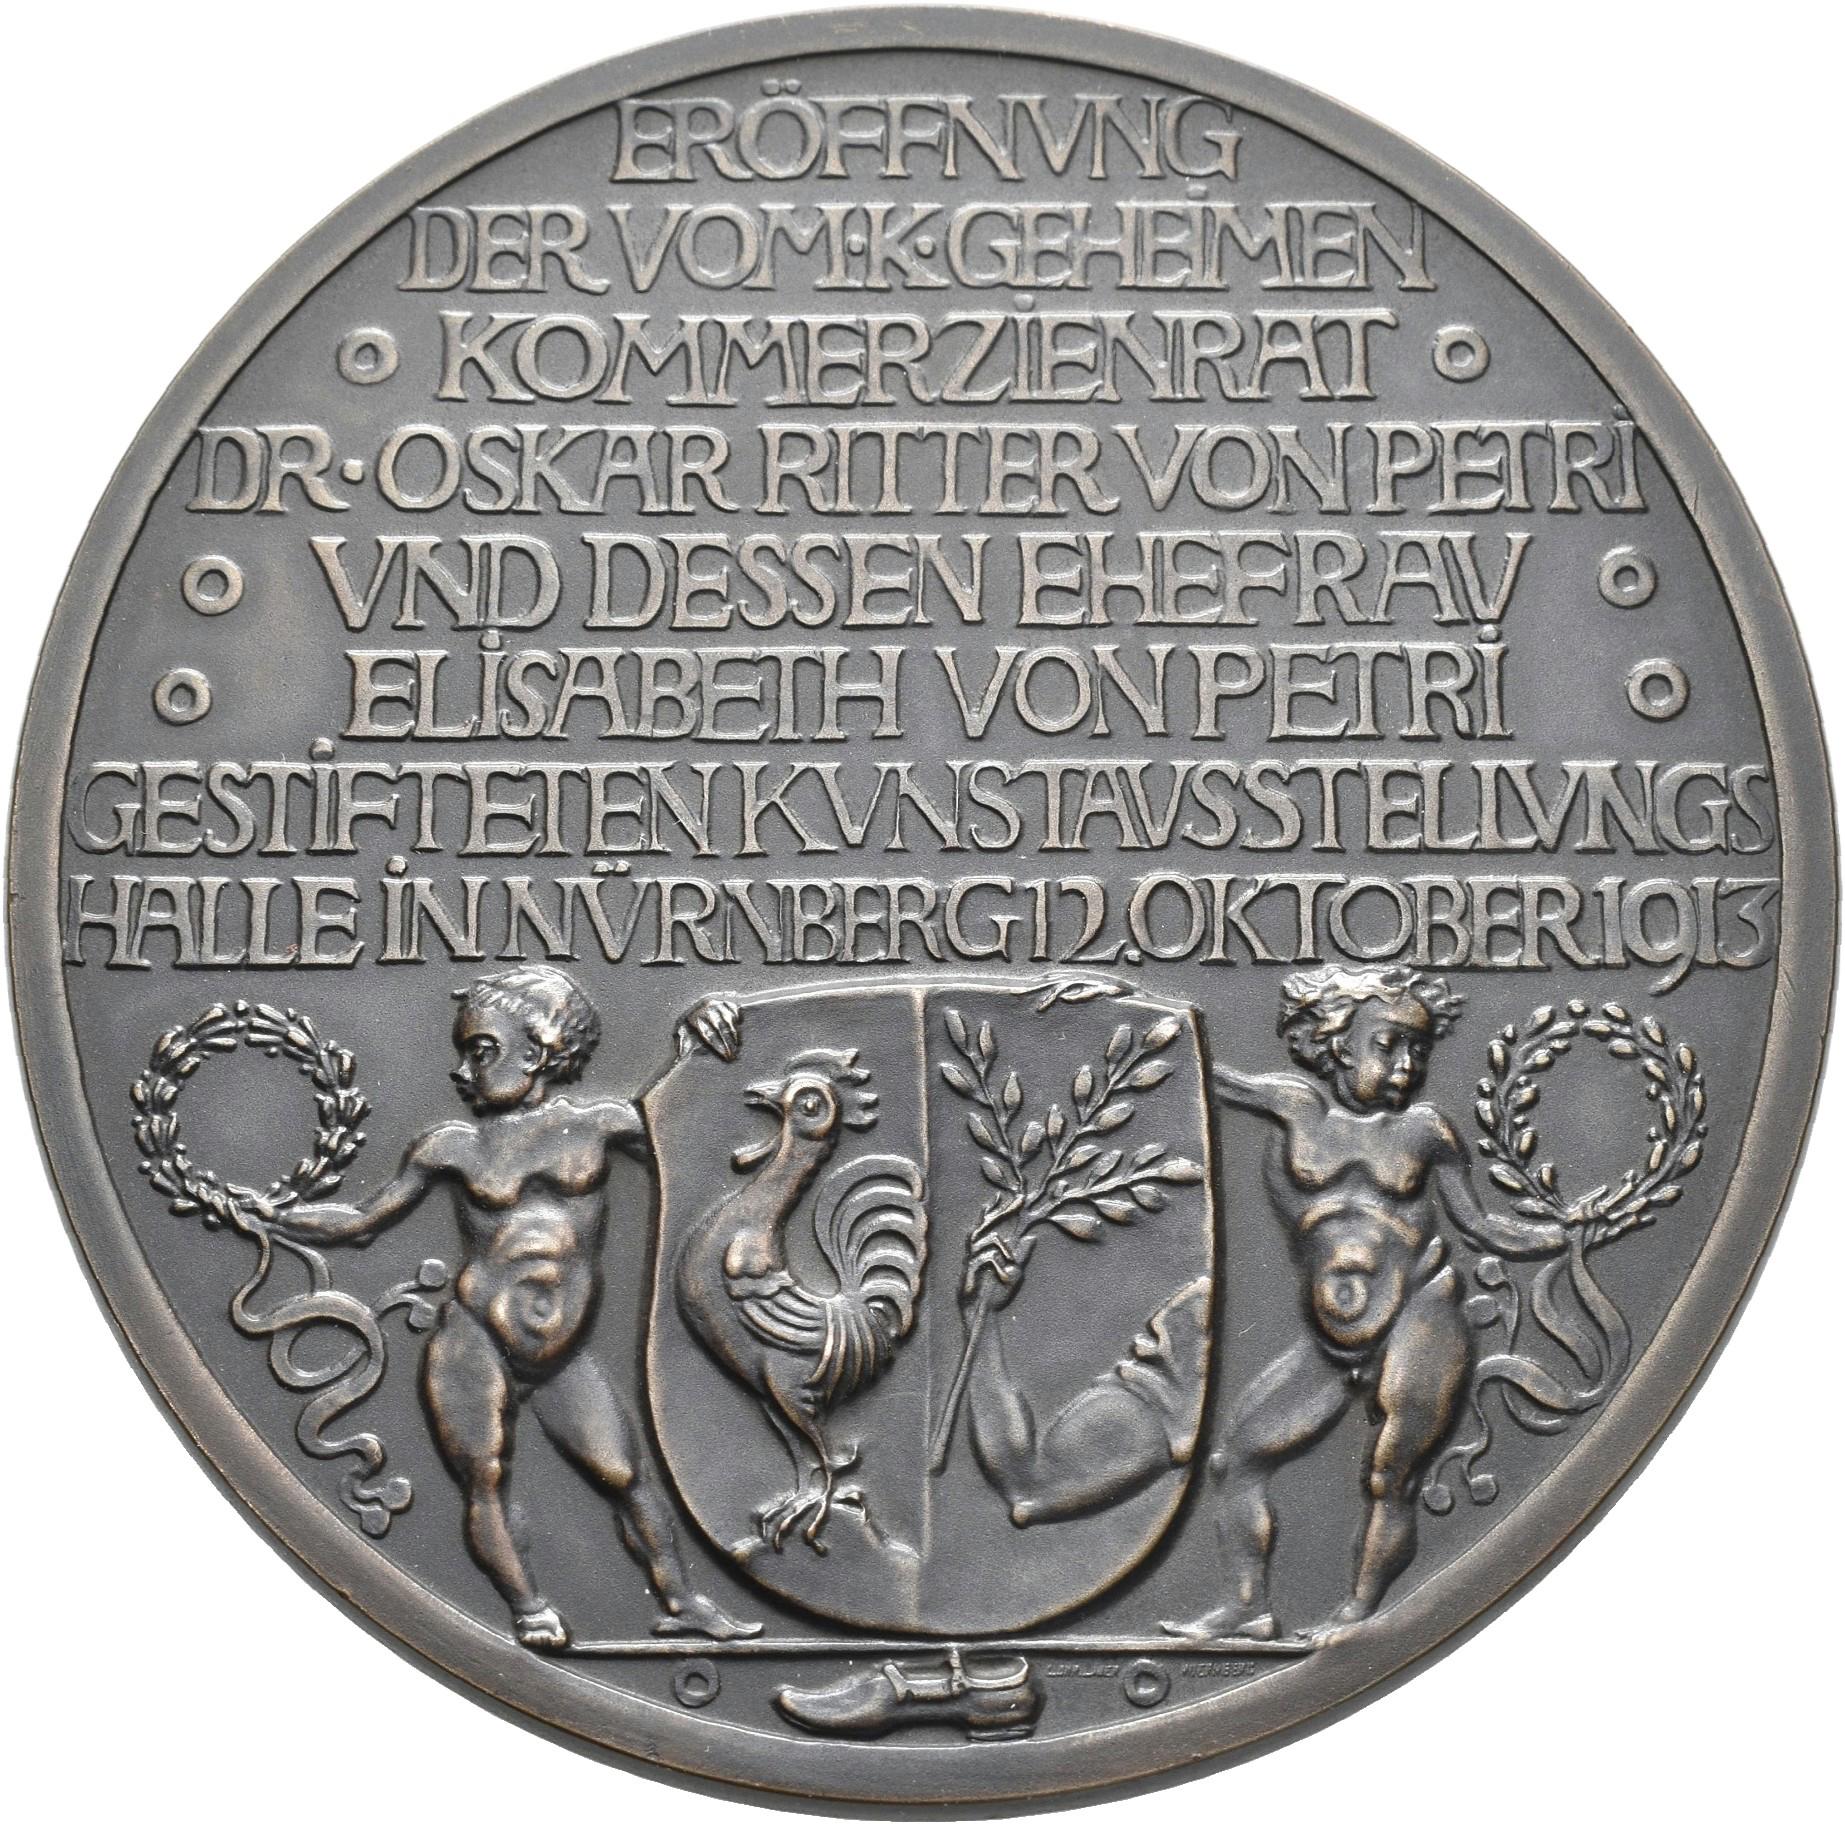 Lot 02419 - Medaillen Deutschland - Geographisch   Münzen  -  Auktionshaus Christoph Gärtner GmbH & Co. KG Sale #48 The Coins & The Picture Post Cards